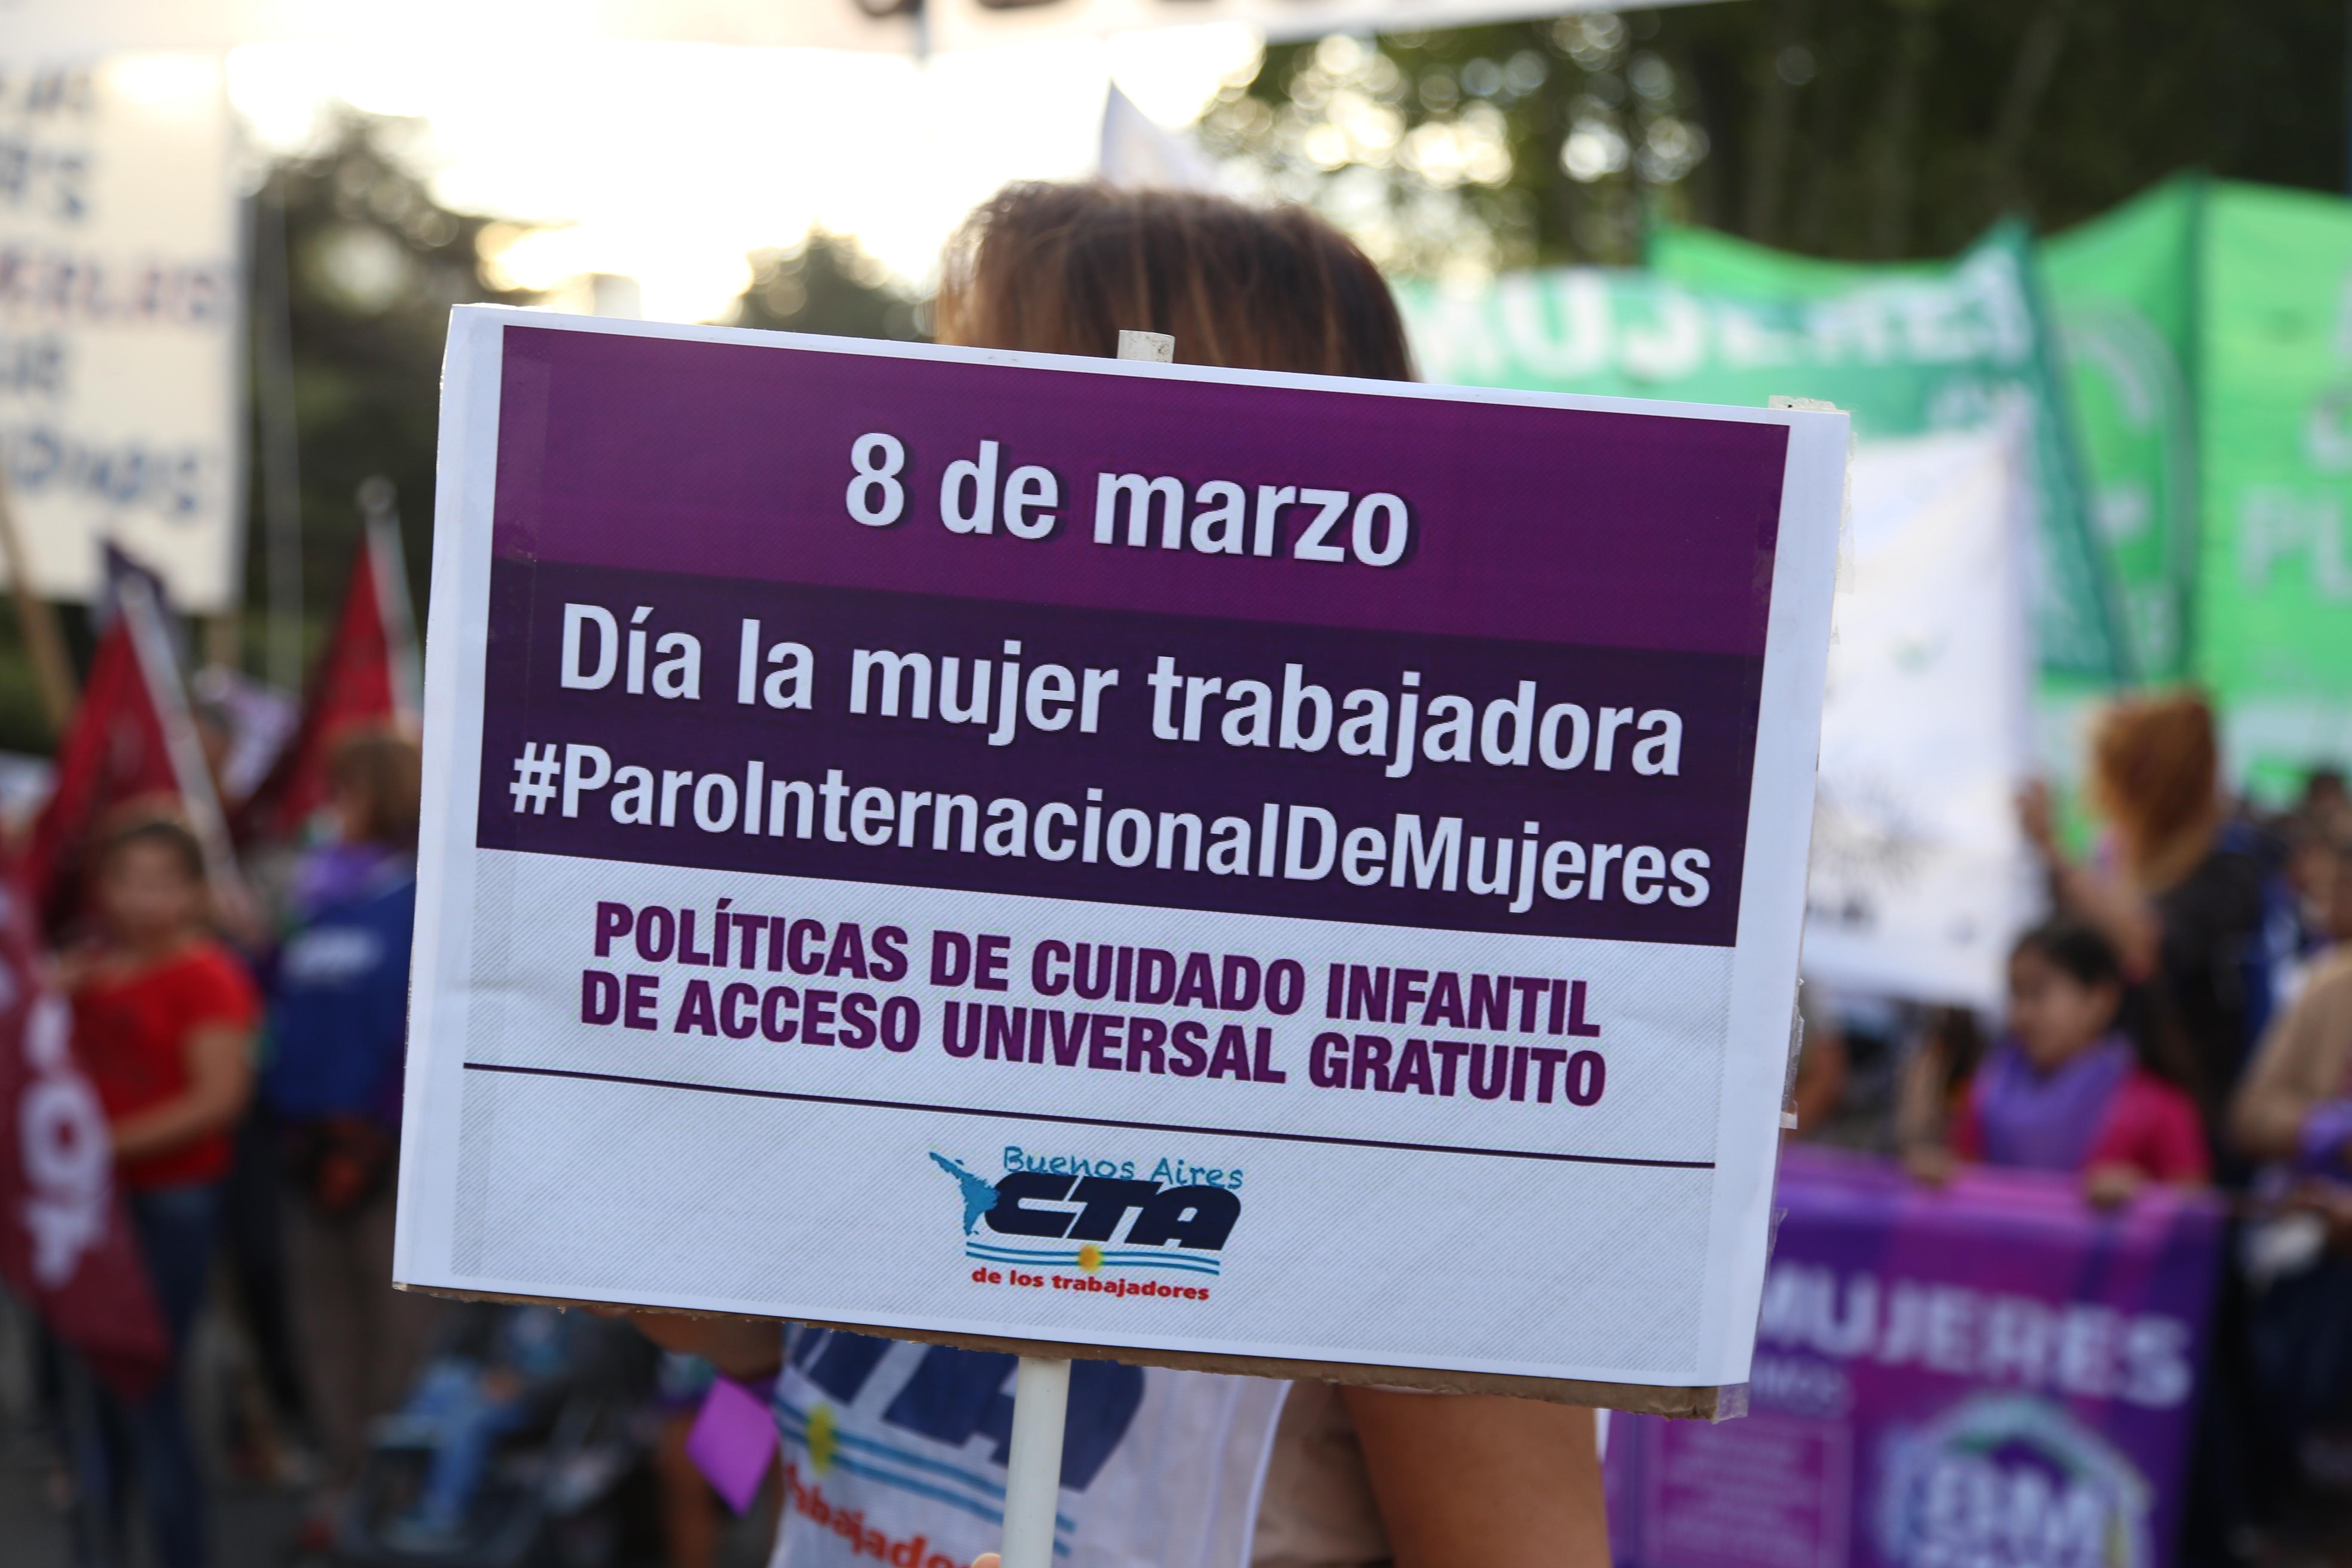 8 DE MARZO: PARO INTERNACIONAL DE MUJERES